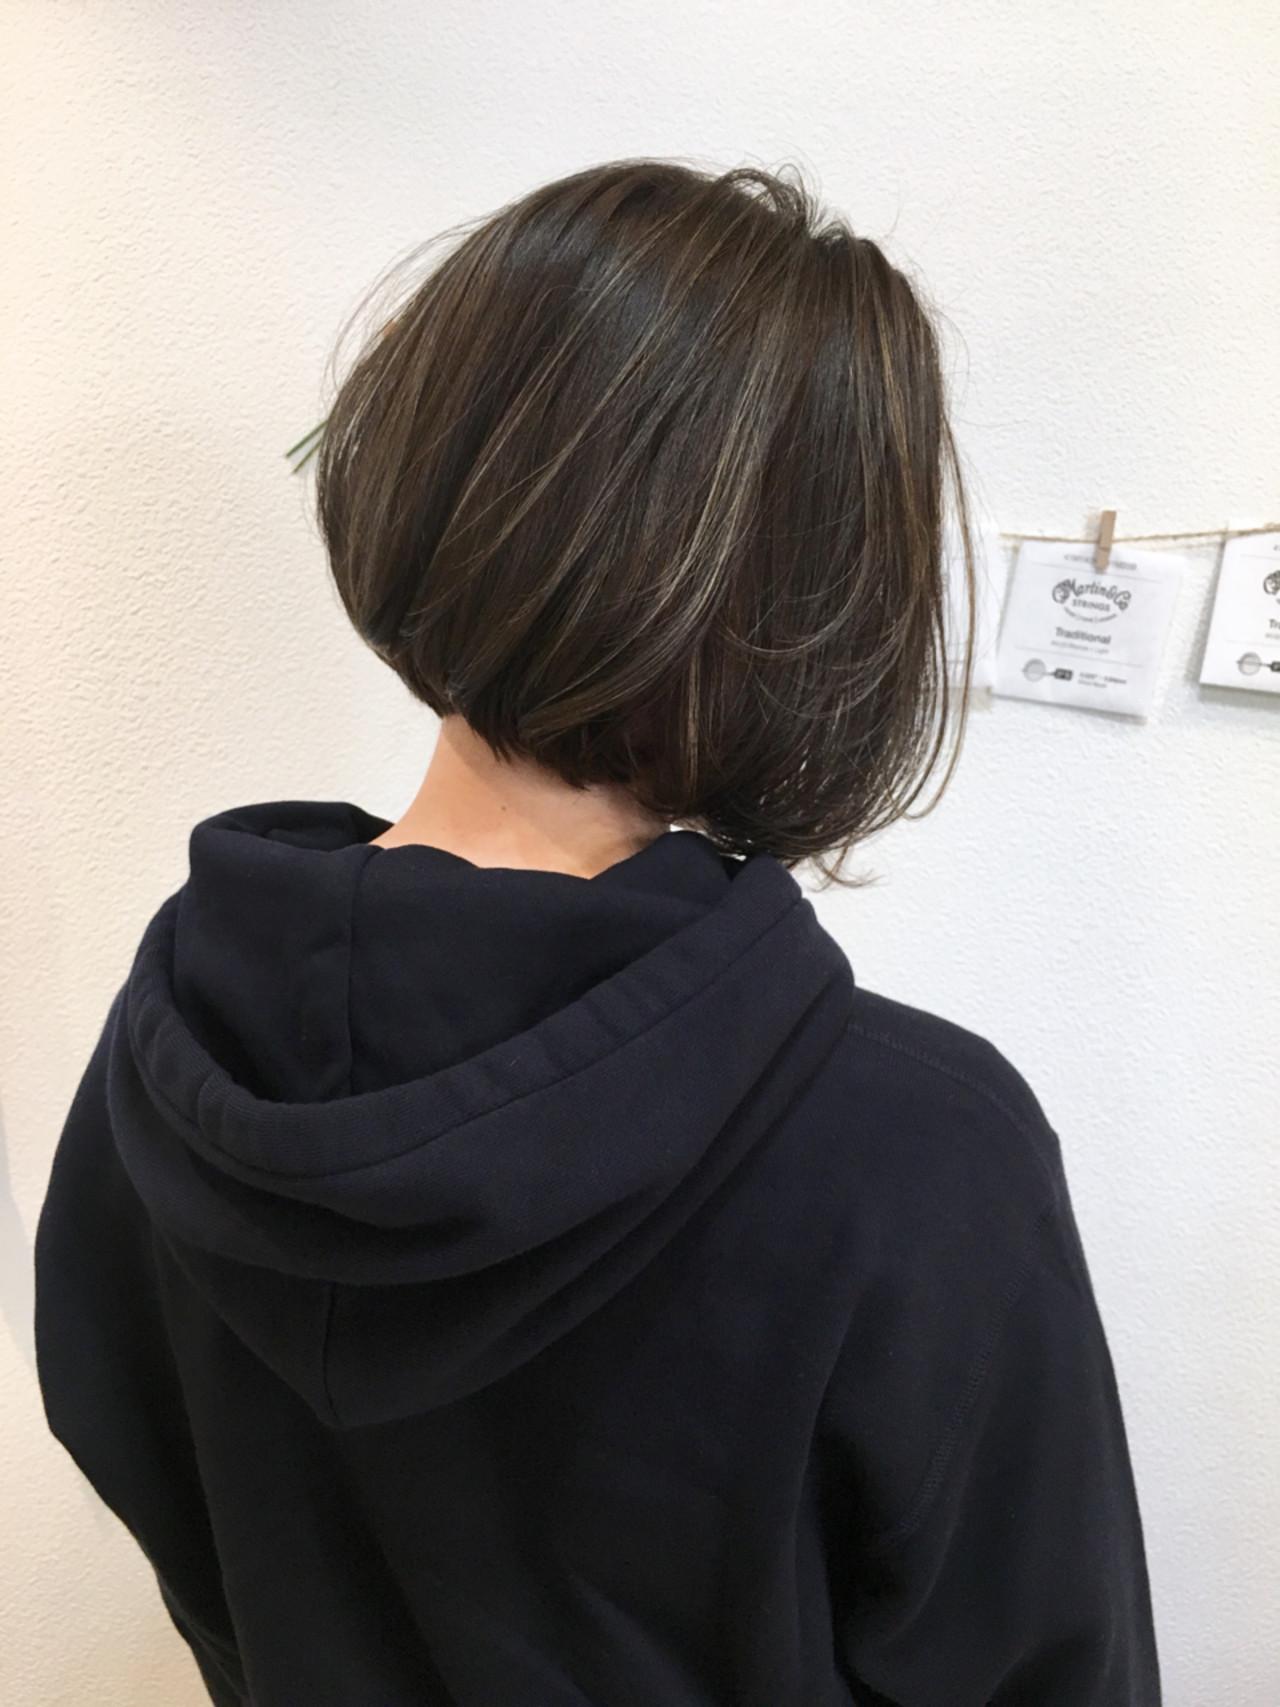 ナチュラル 透明感 色気 前下がり ヘアスタイルや髪型の写真・画像 | 島田 雅斗 / hair design acoustic